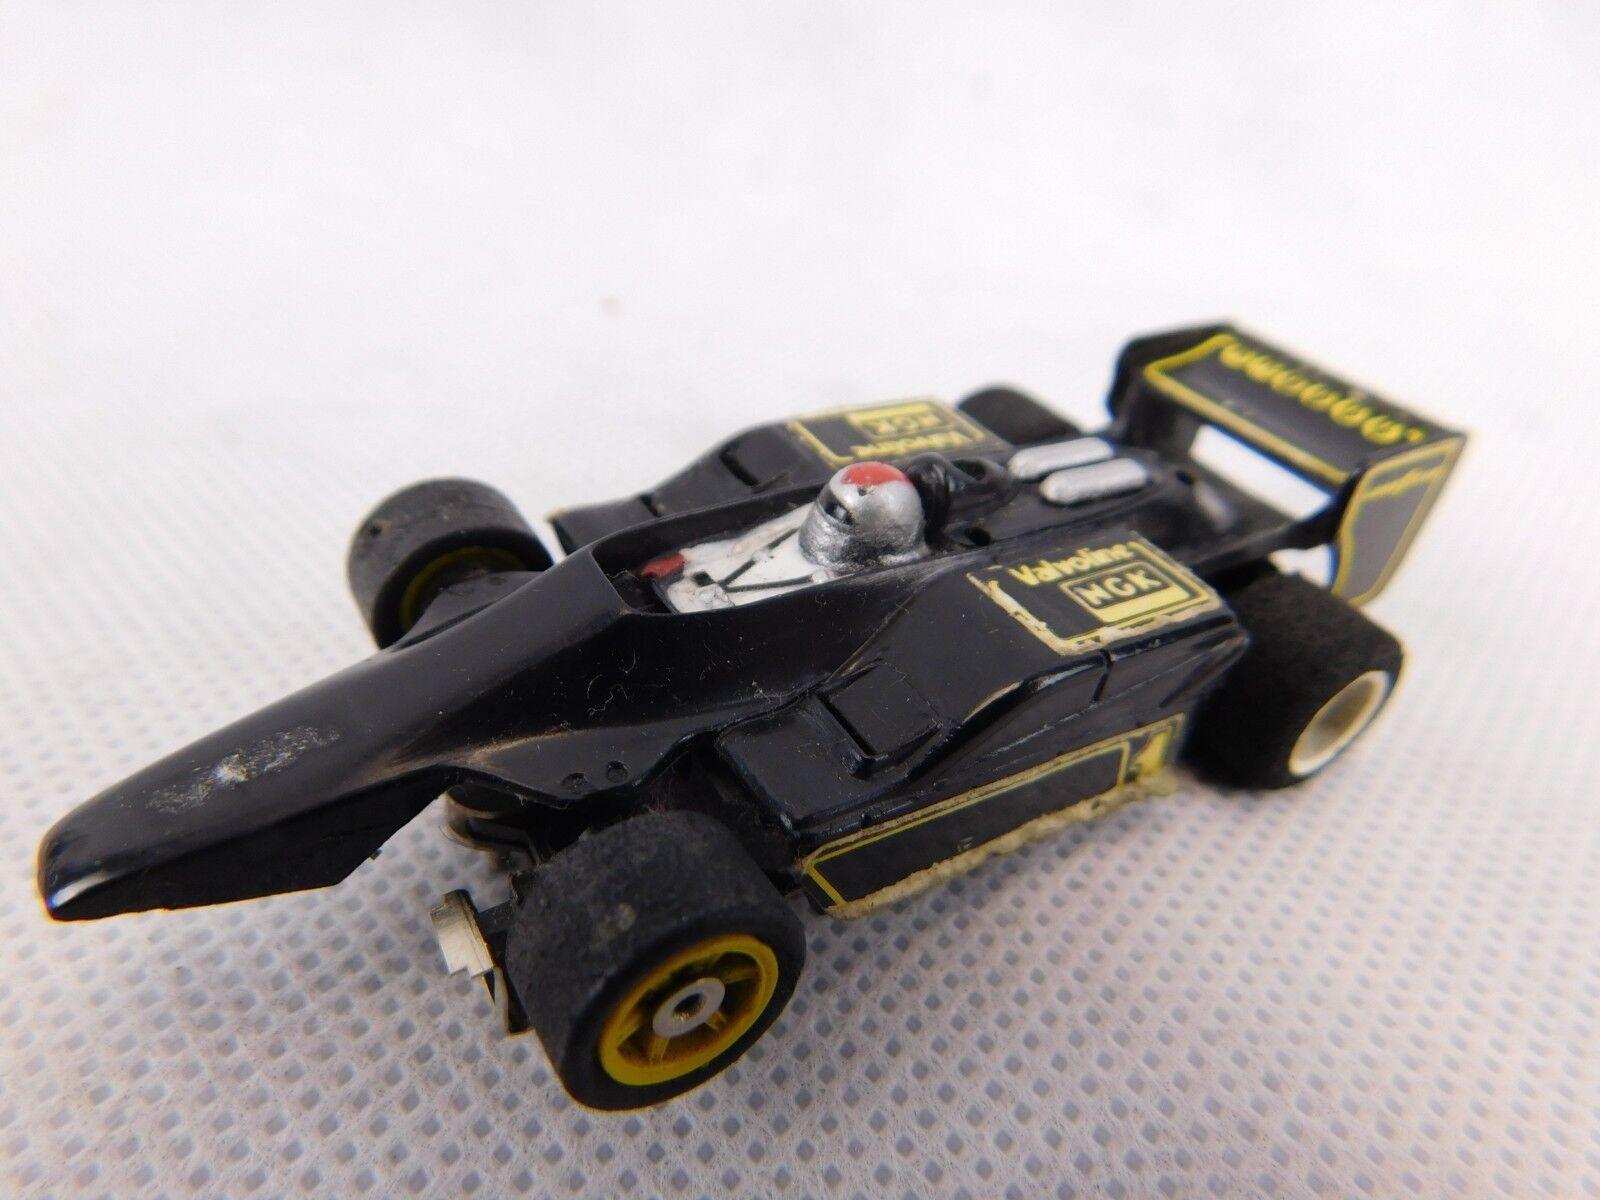 FALLER AMS / TYCO Model Rennwagen Auto PKW Slotcar Formel 1 Fahrzeug H0 1:87 #66